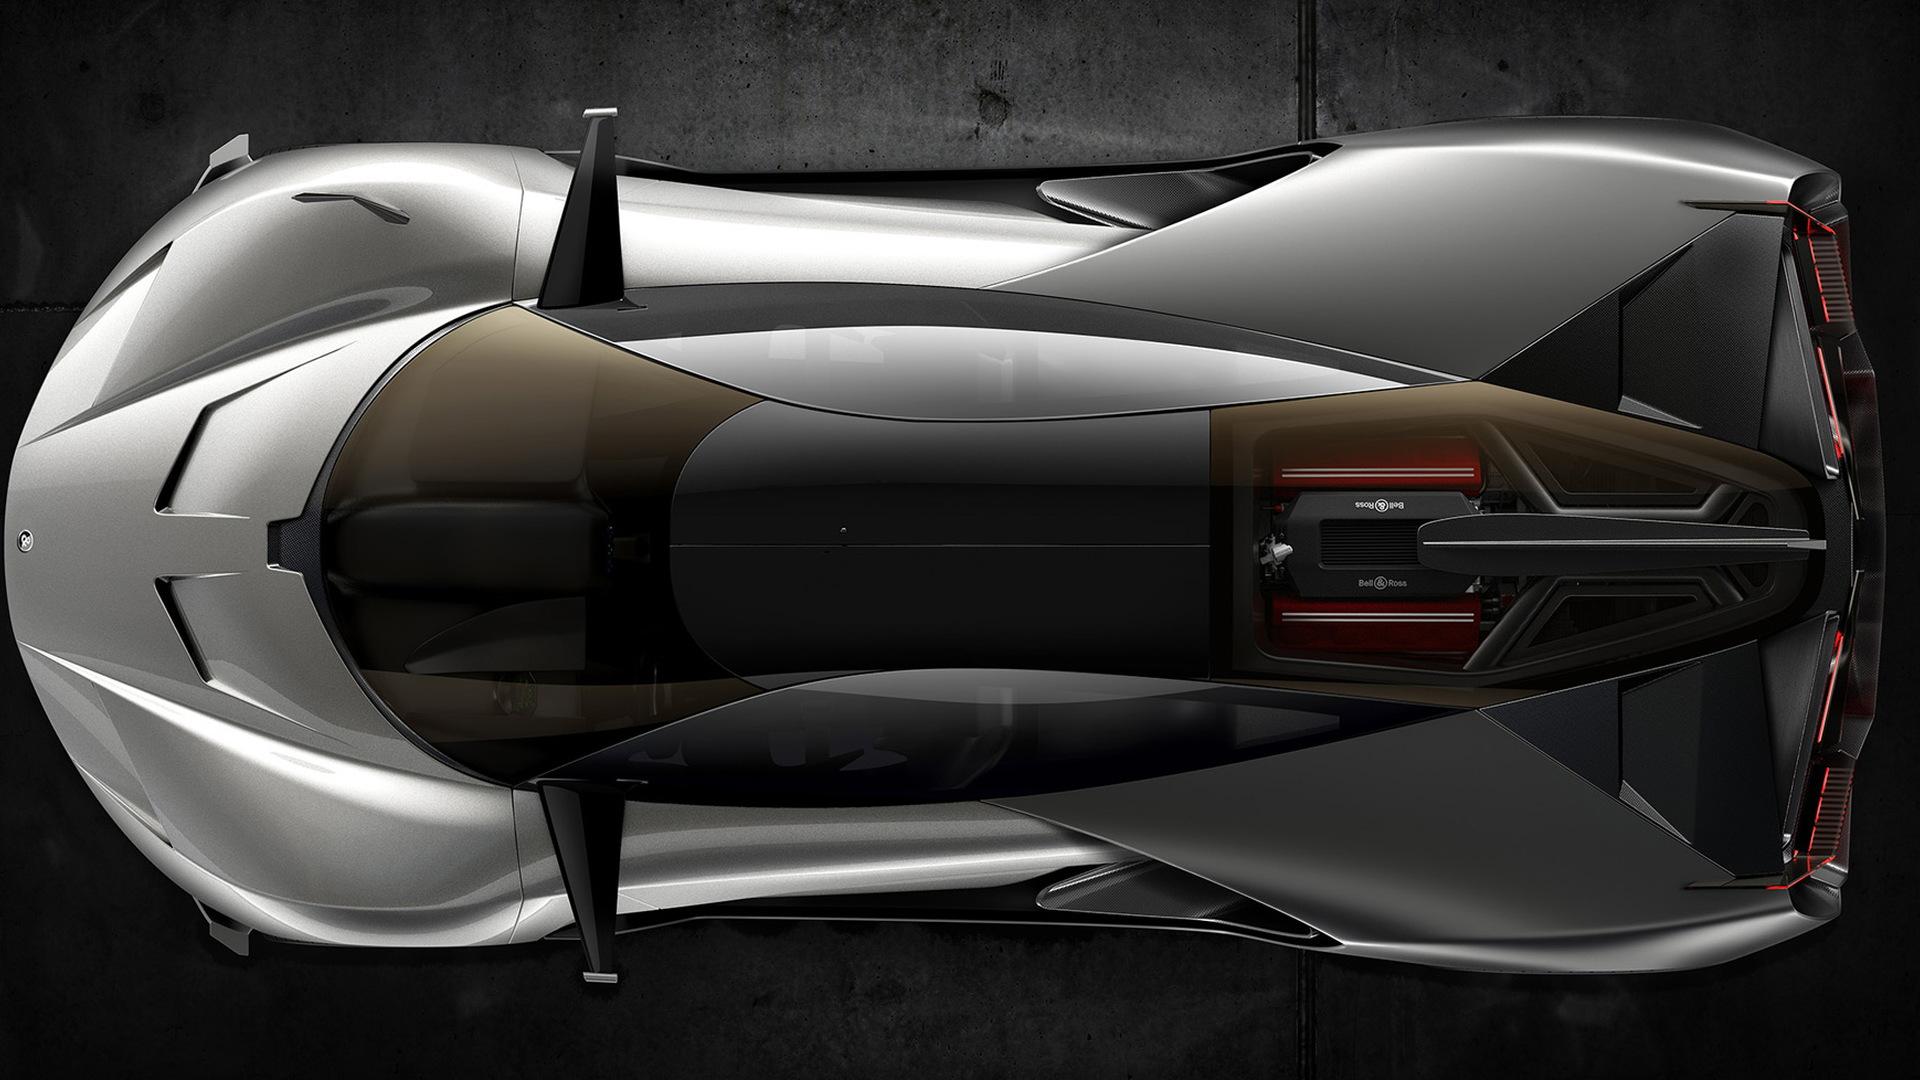 Bell & Ross AeroGT concept, 2016 Baselworld